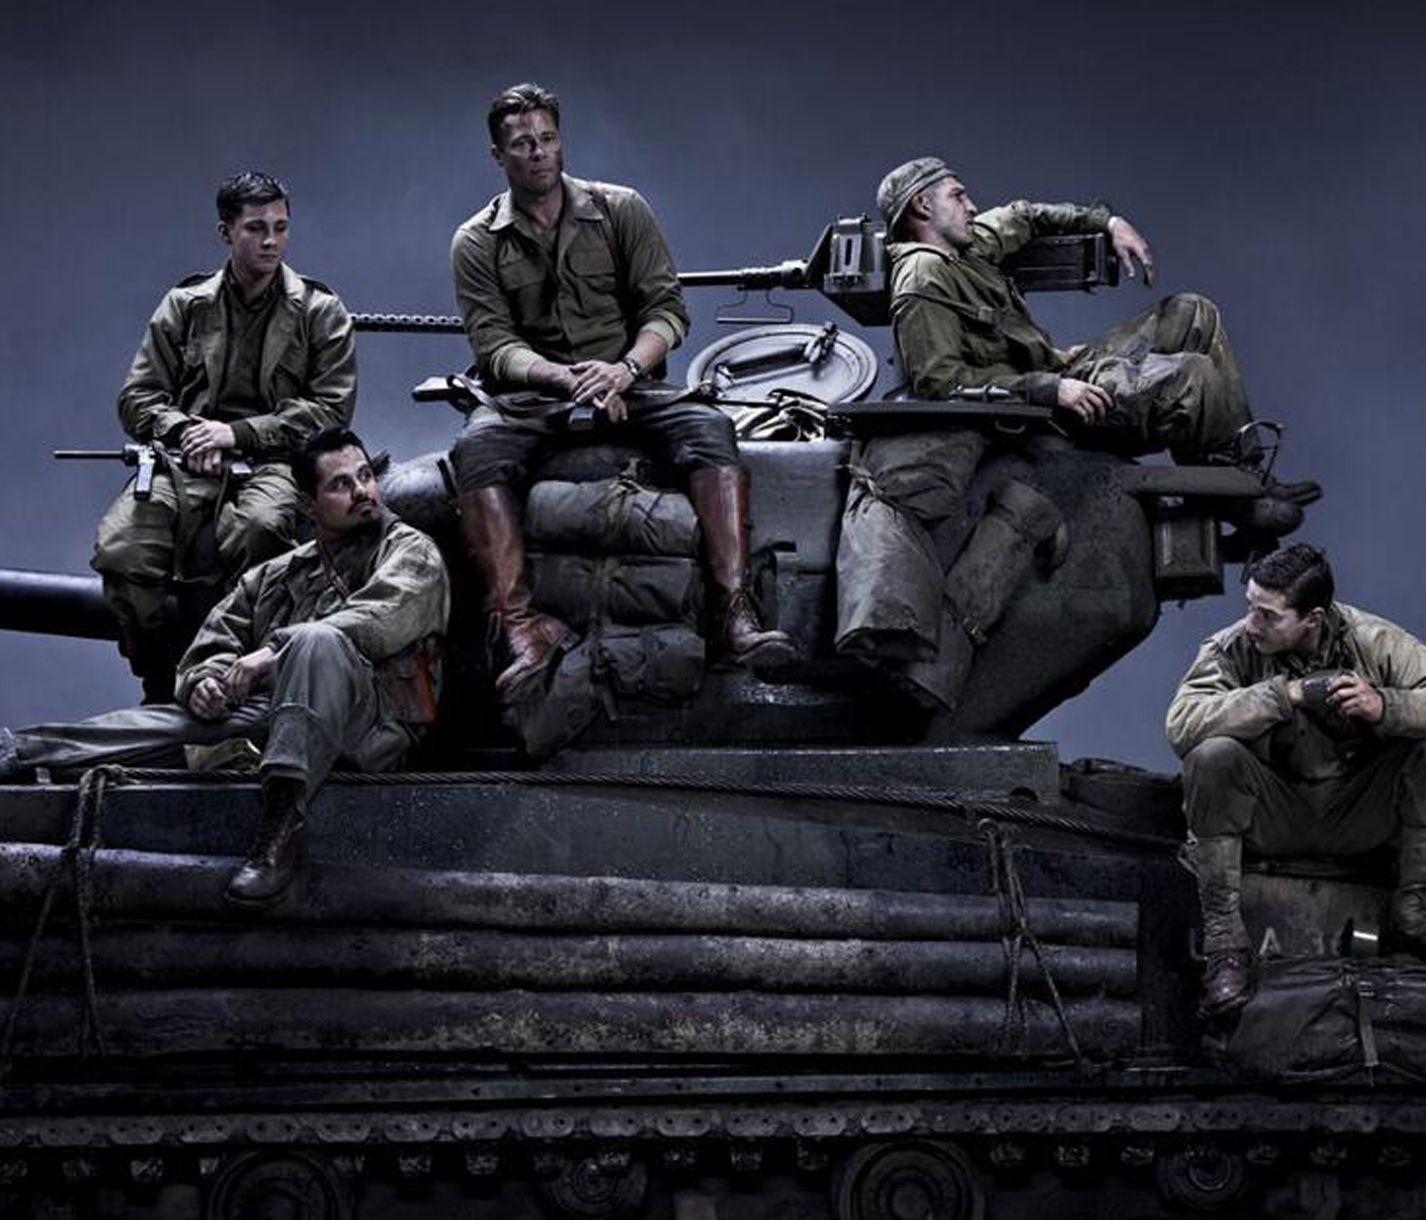 Brad Pitt's World War II film Fury